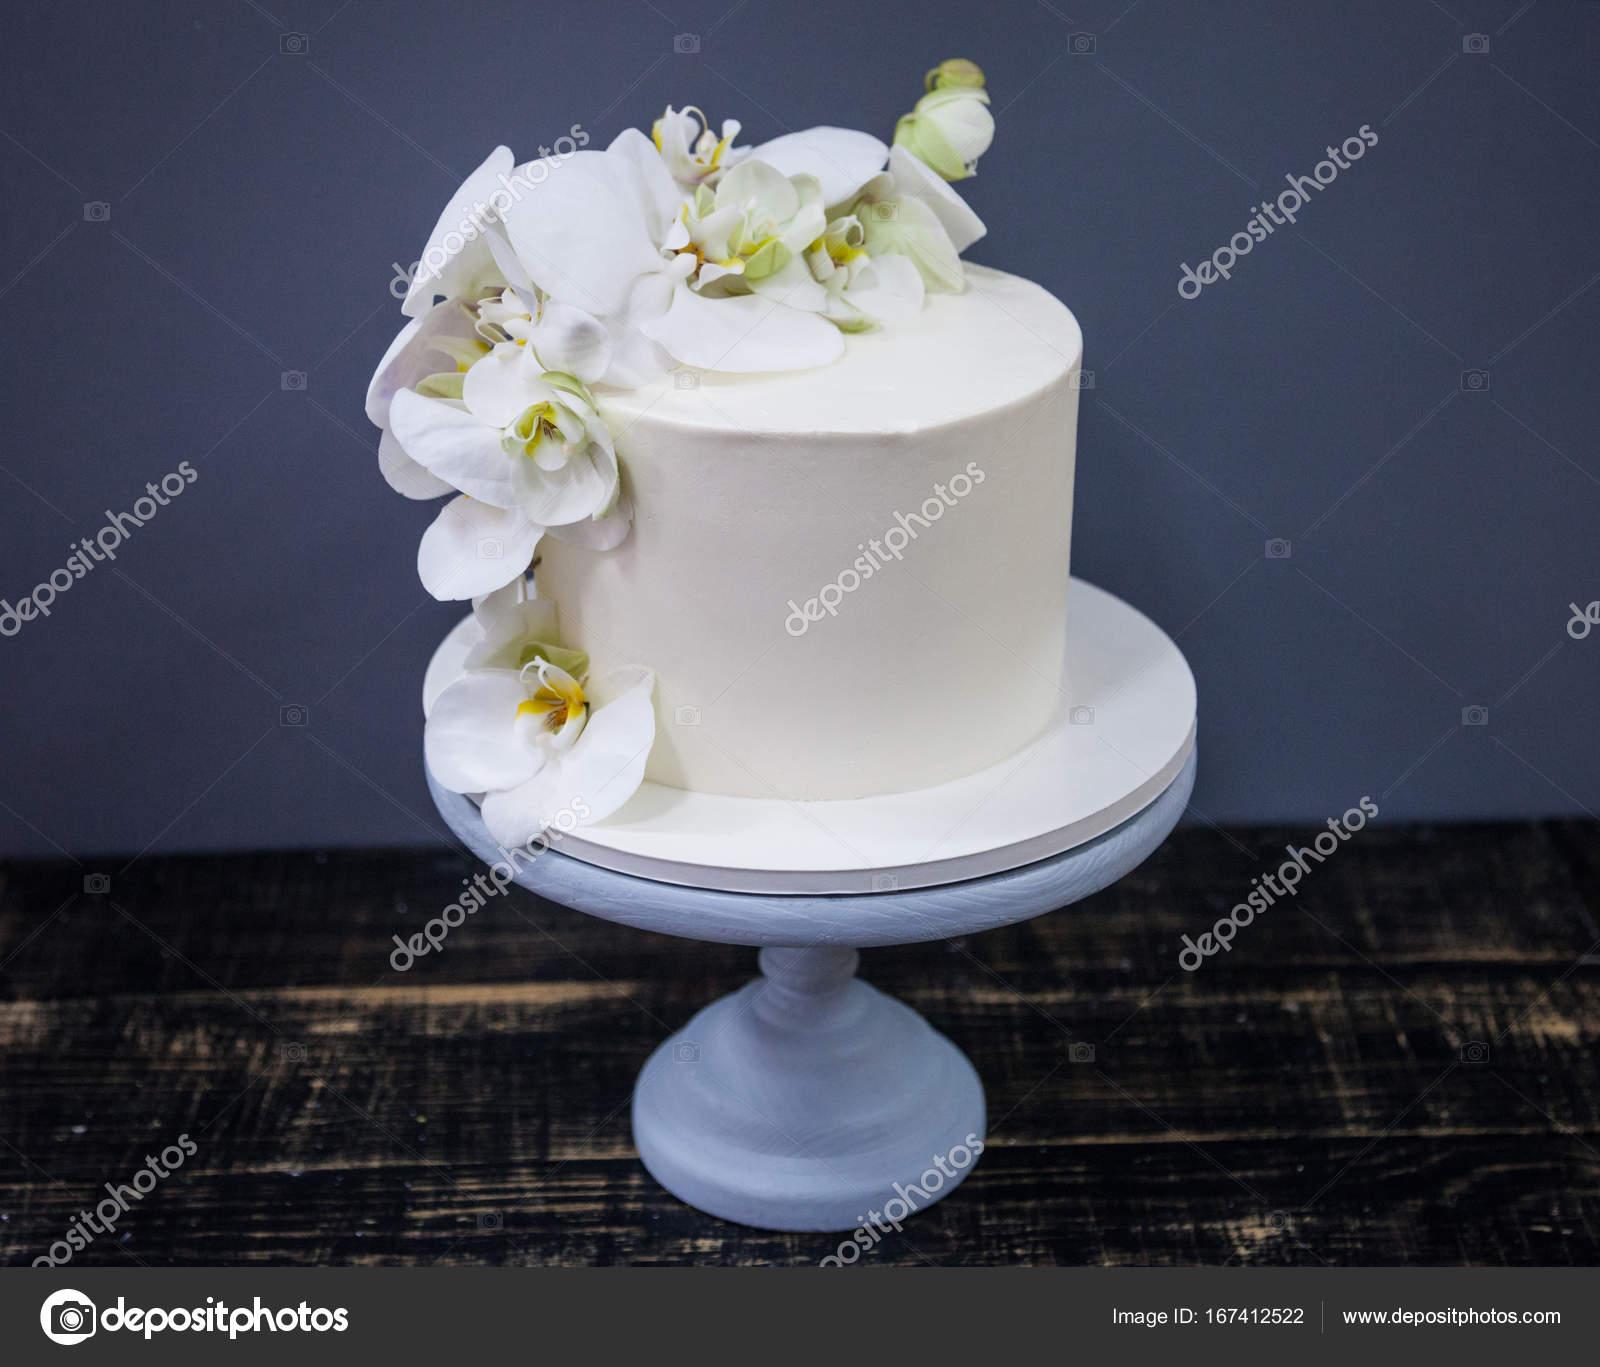 Elegante Hochzeitstorte Dekoriert Mit Frischen Orchideen Blume